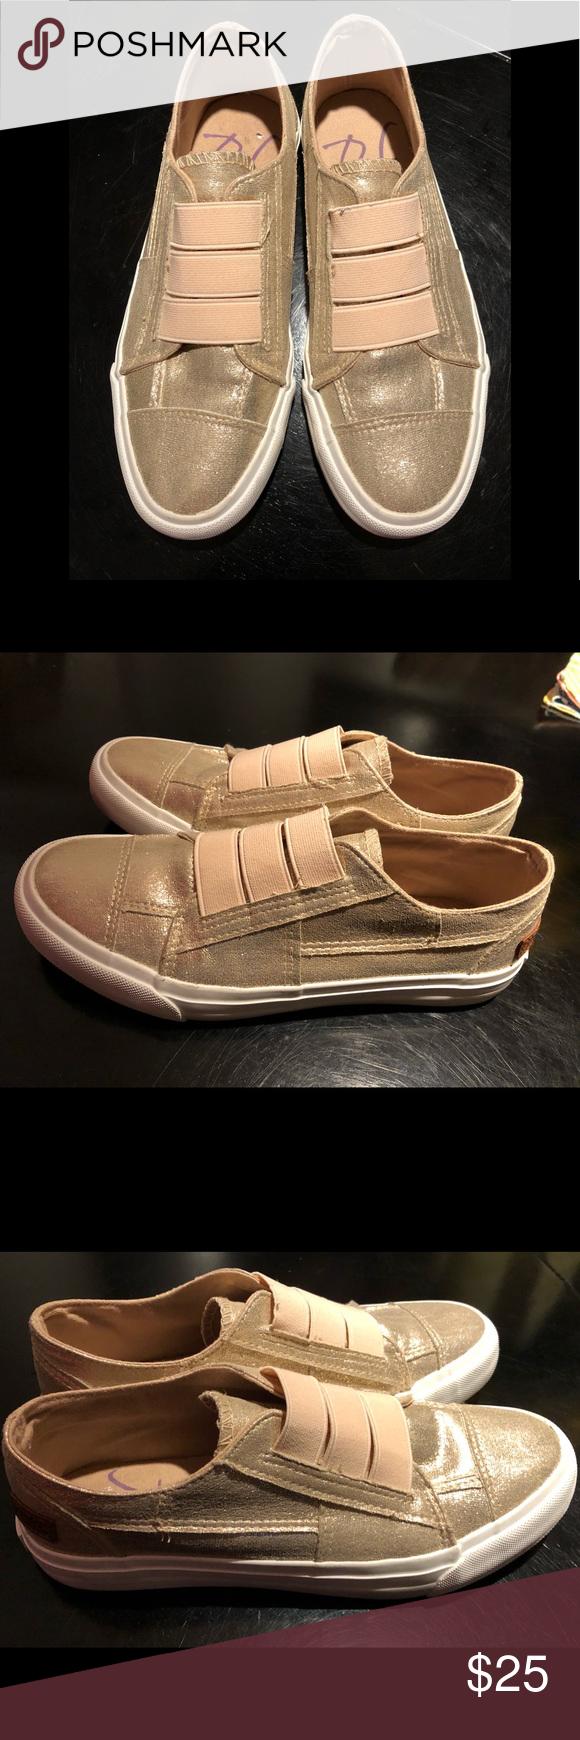 10c5e12544cf Blowfish Maura Super cute rose gold Blowfish Maura slip ons Blowfish Shoes  Sneakers